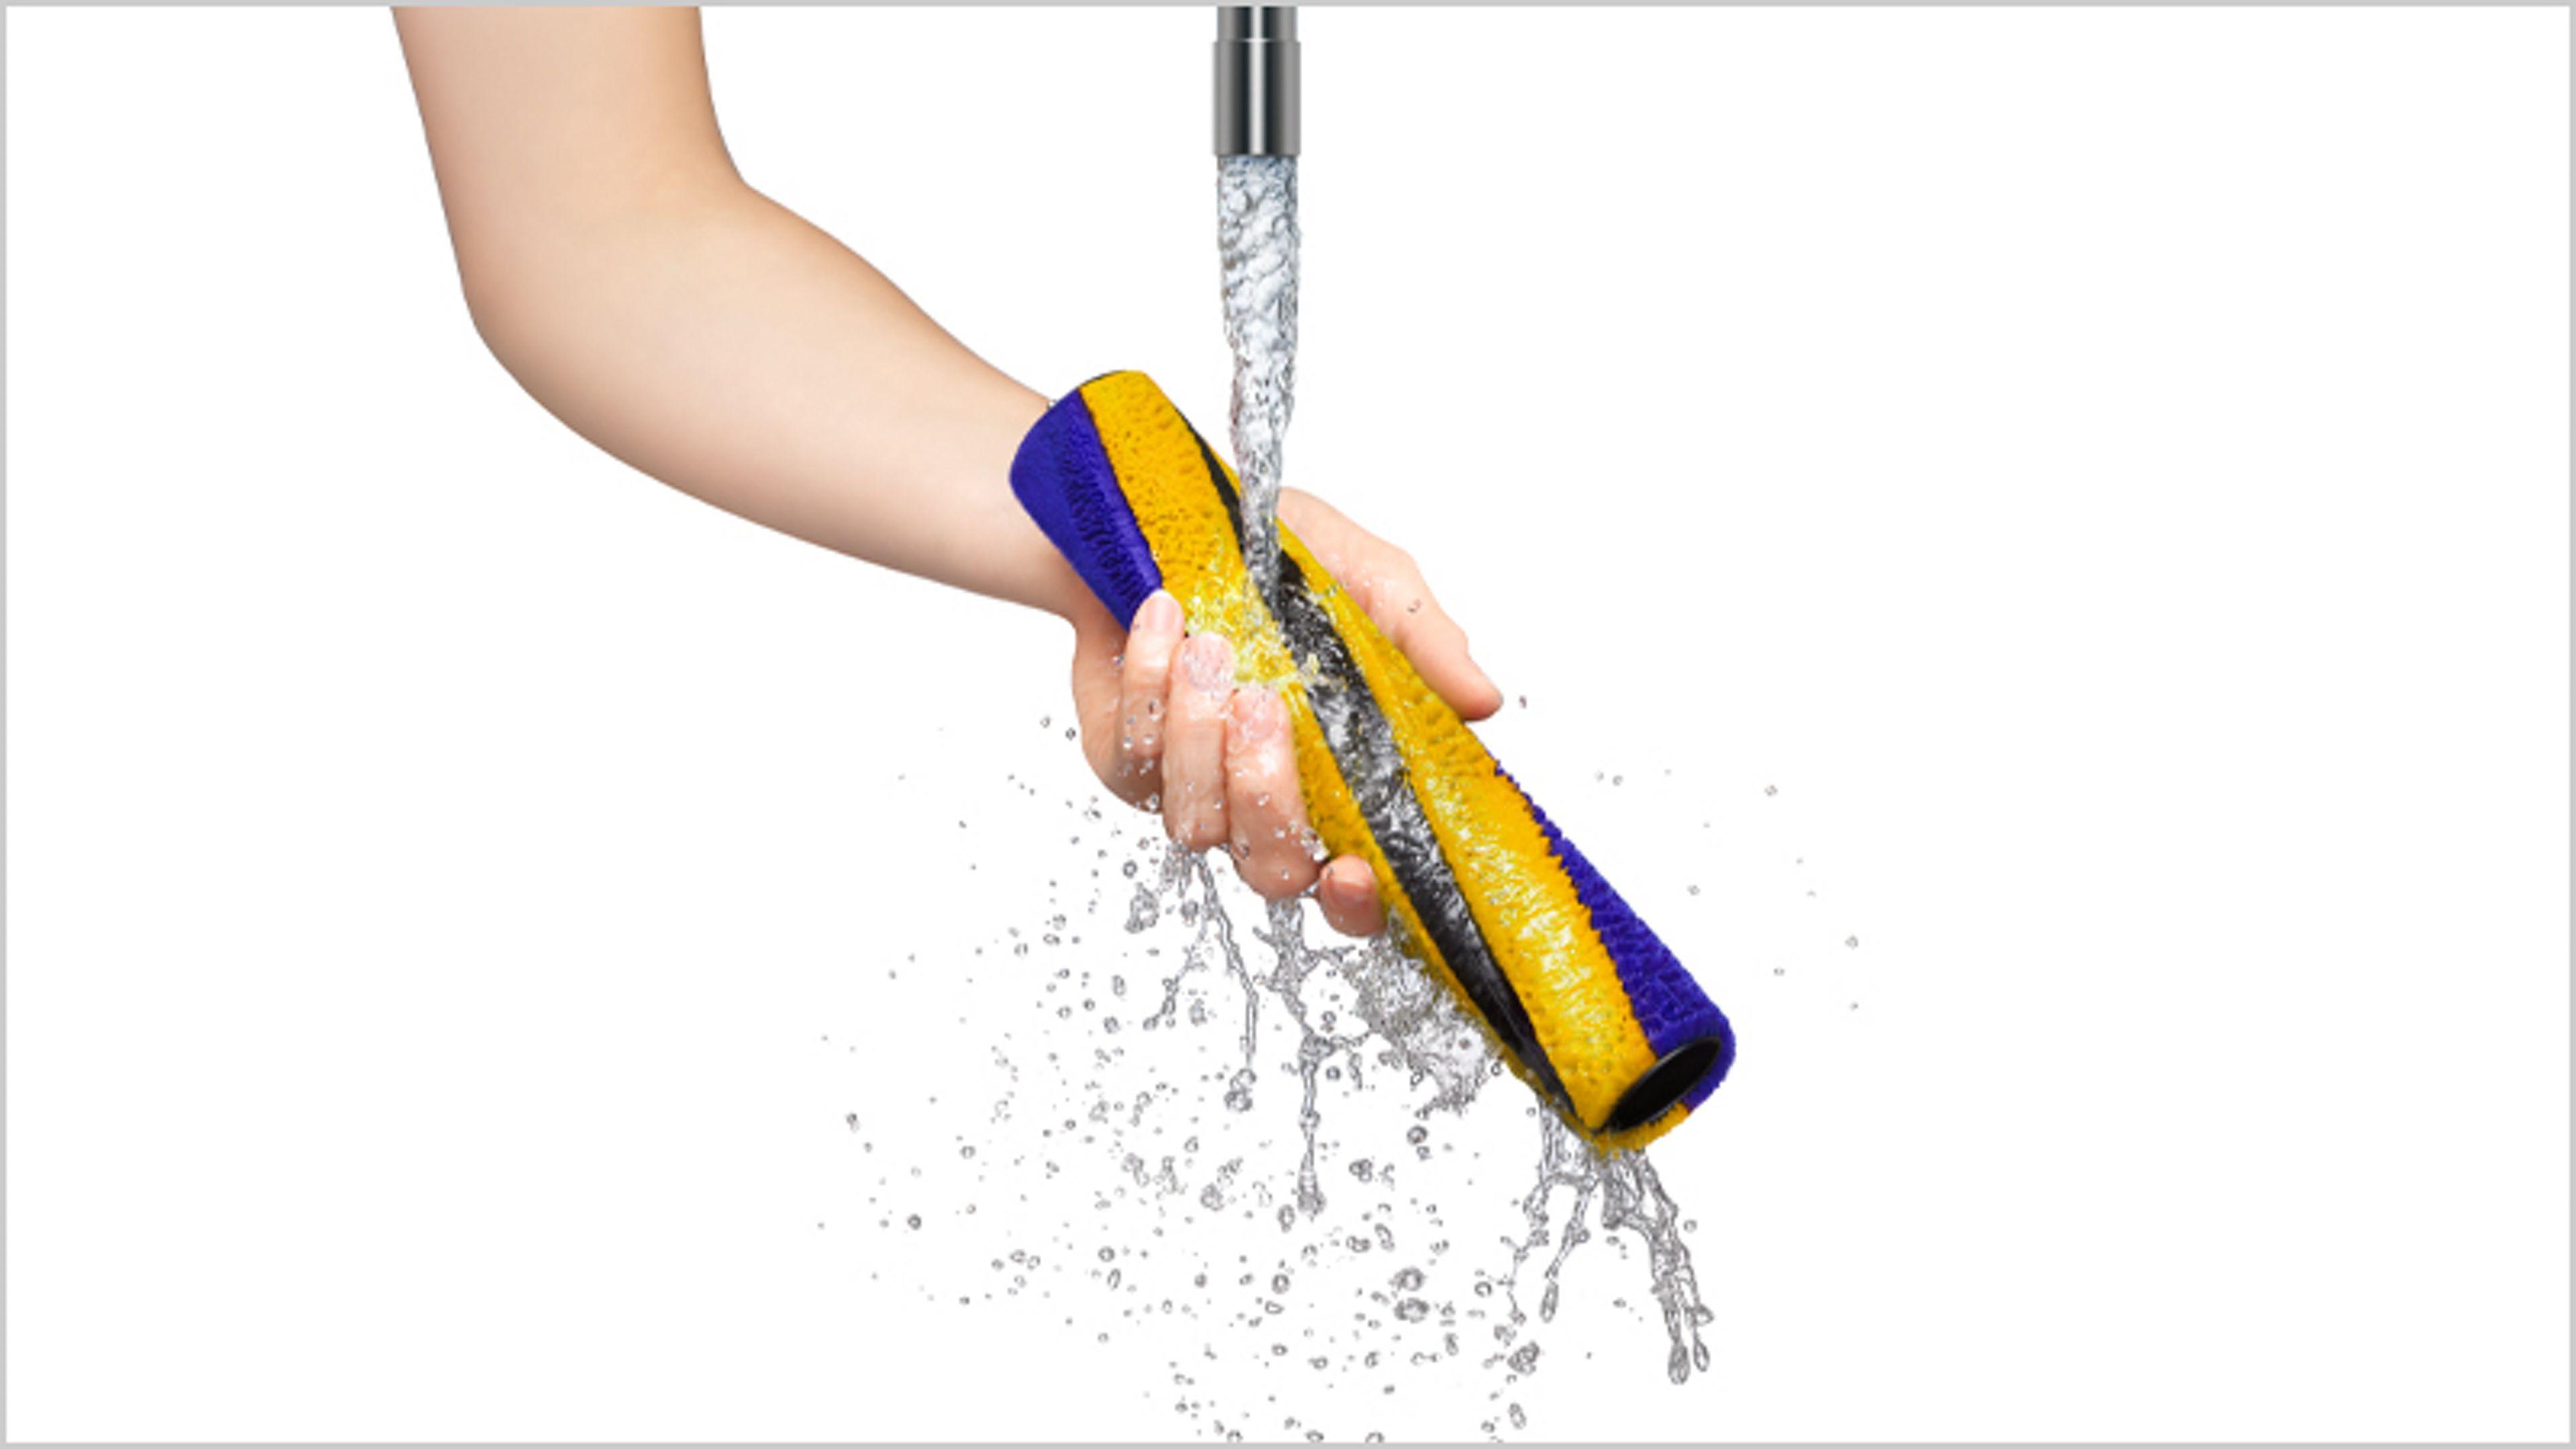 Wałek elektroszczotki Laser Slim Fluffy podczas mycia